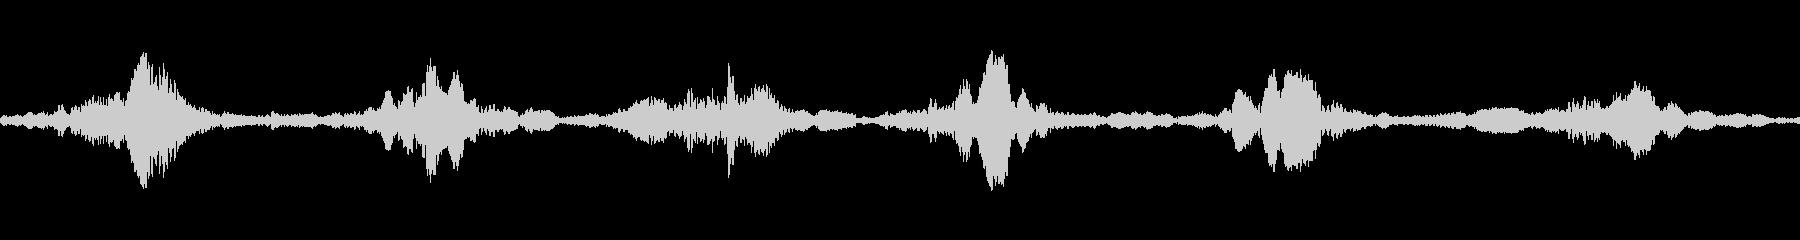 ハートマシンループの未再生の波形